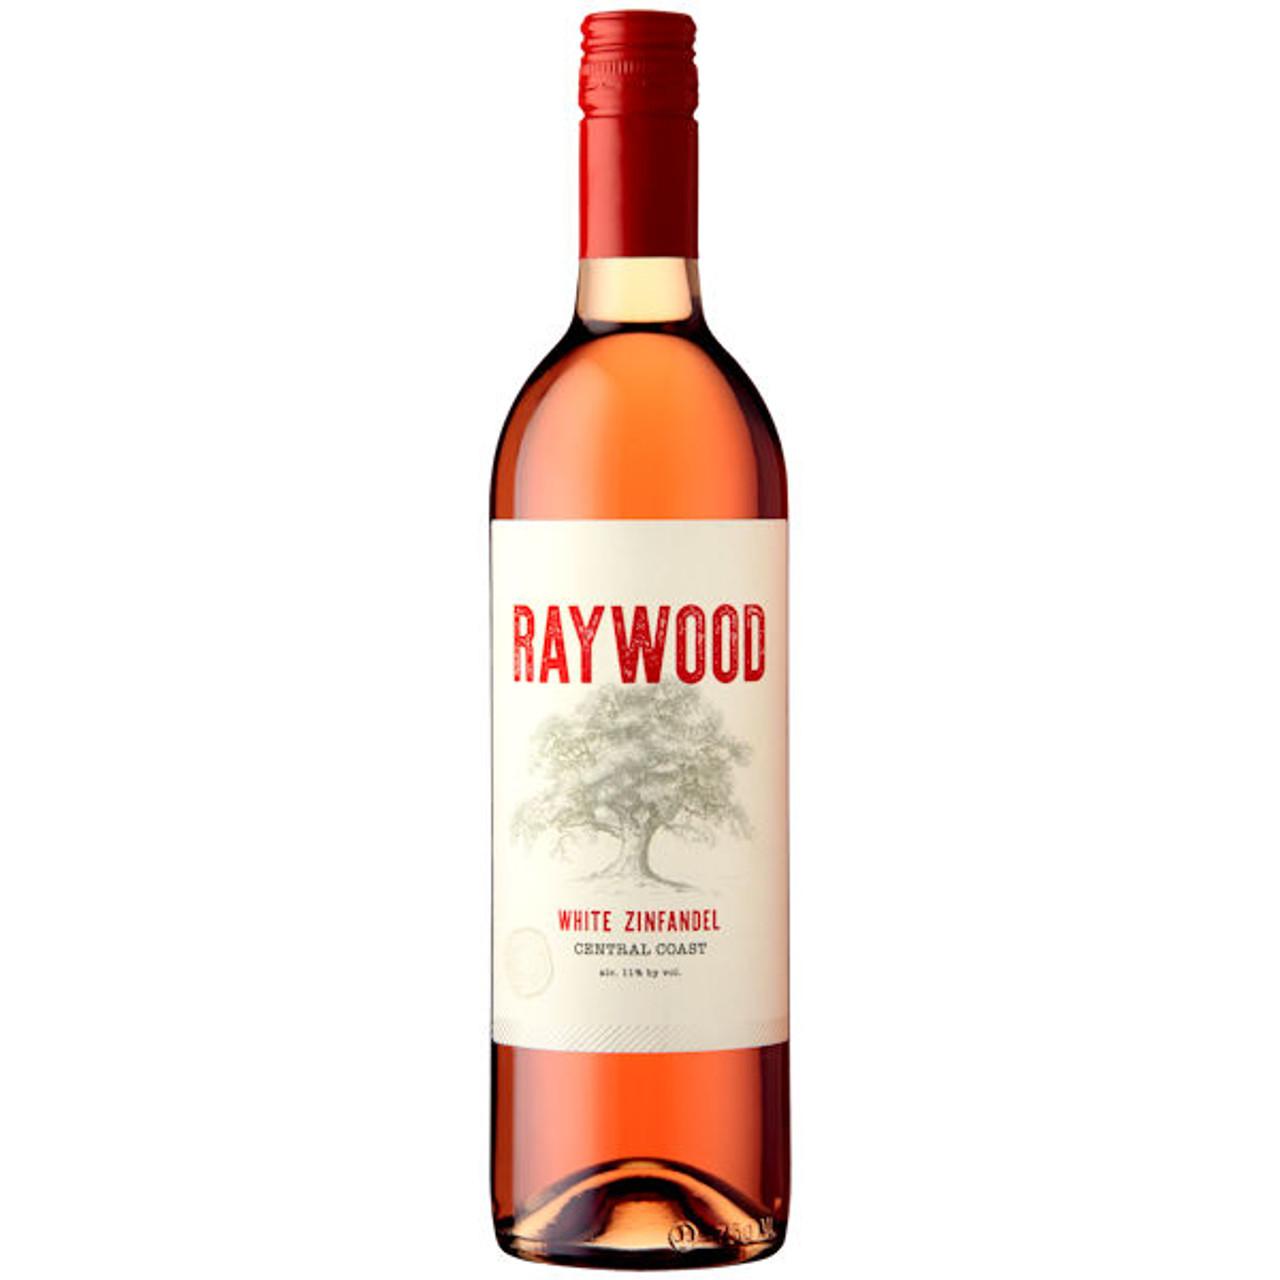 Raywood Central Coast White Zinfandel